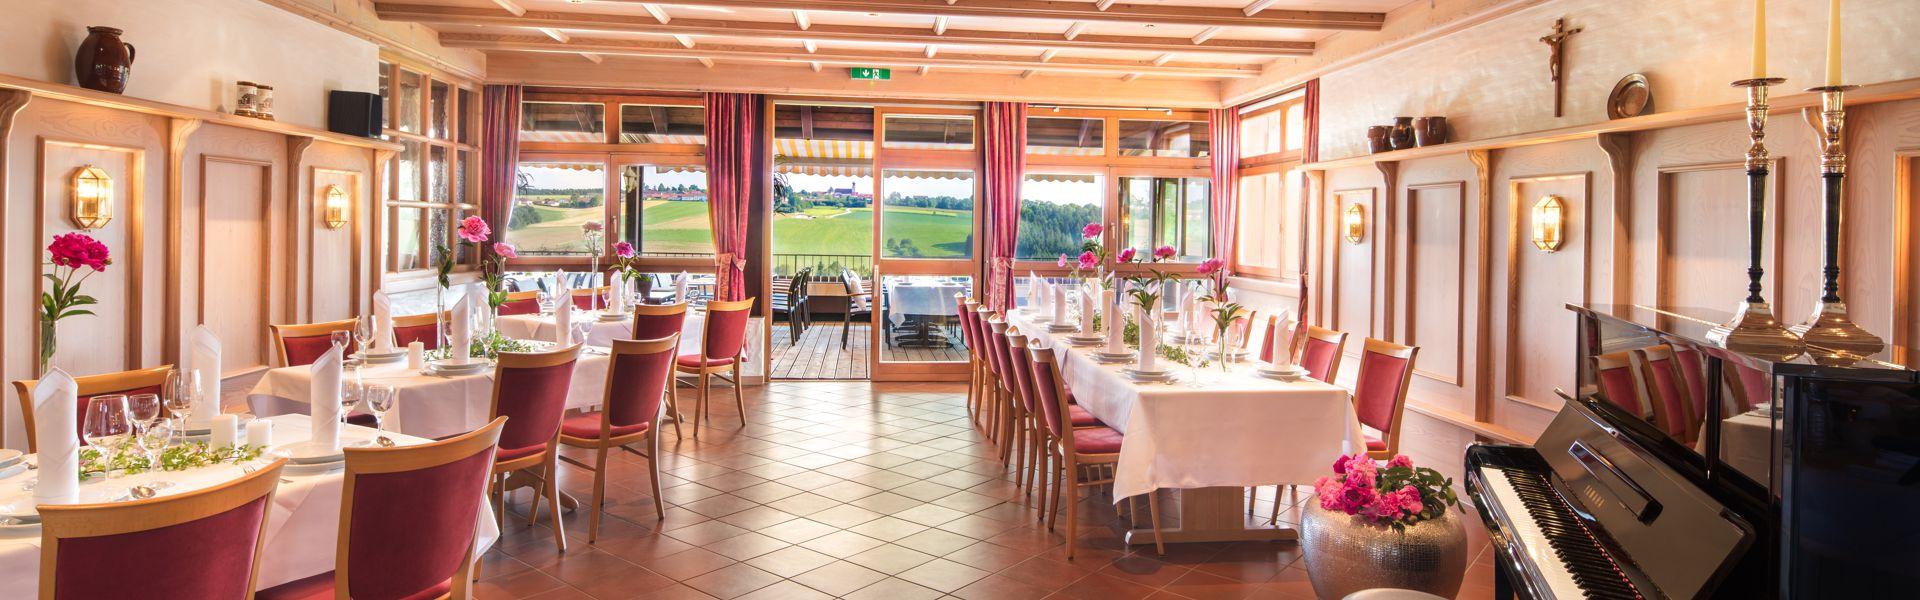 Stüberl mit Klavier im Golf Resort Passau-Raßbach Hotel GmbH, Golf- und Landhotel Anetseder